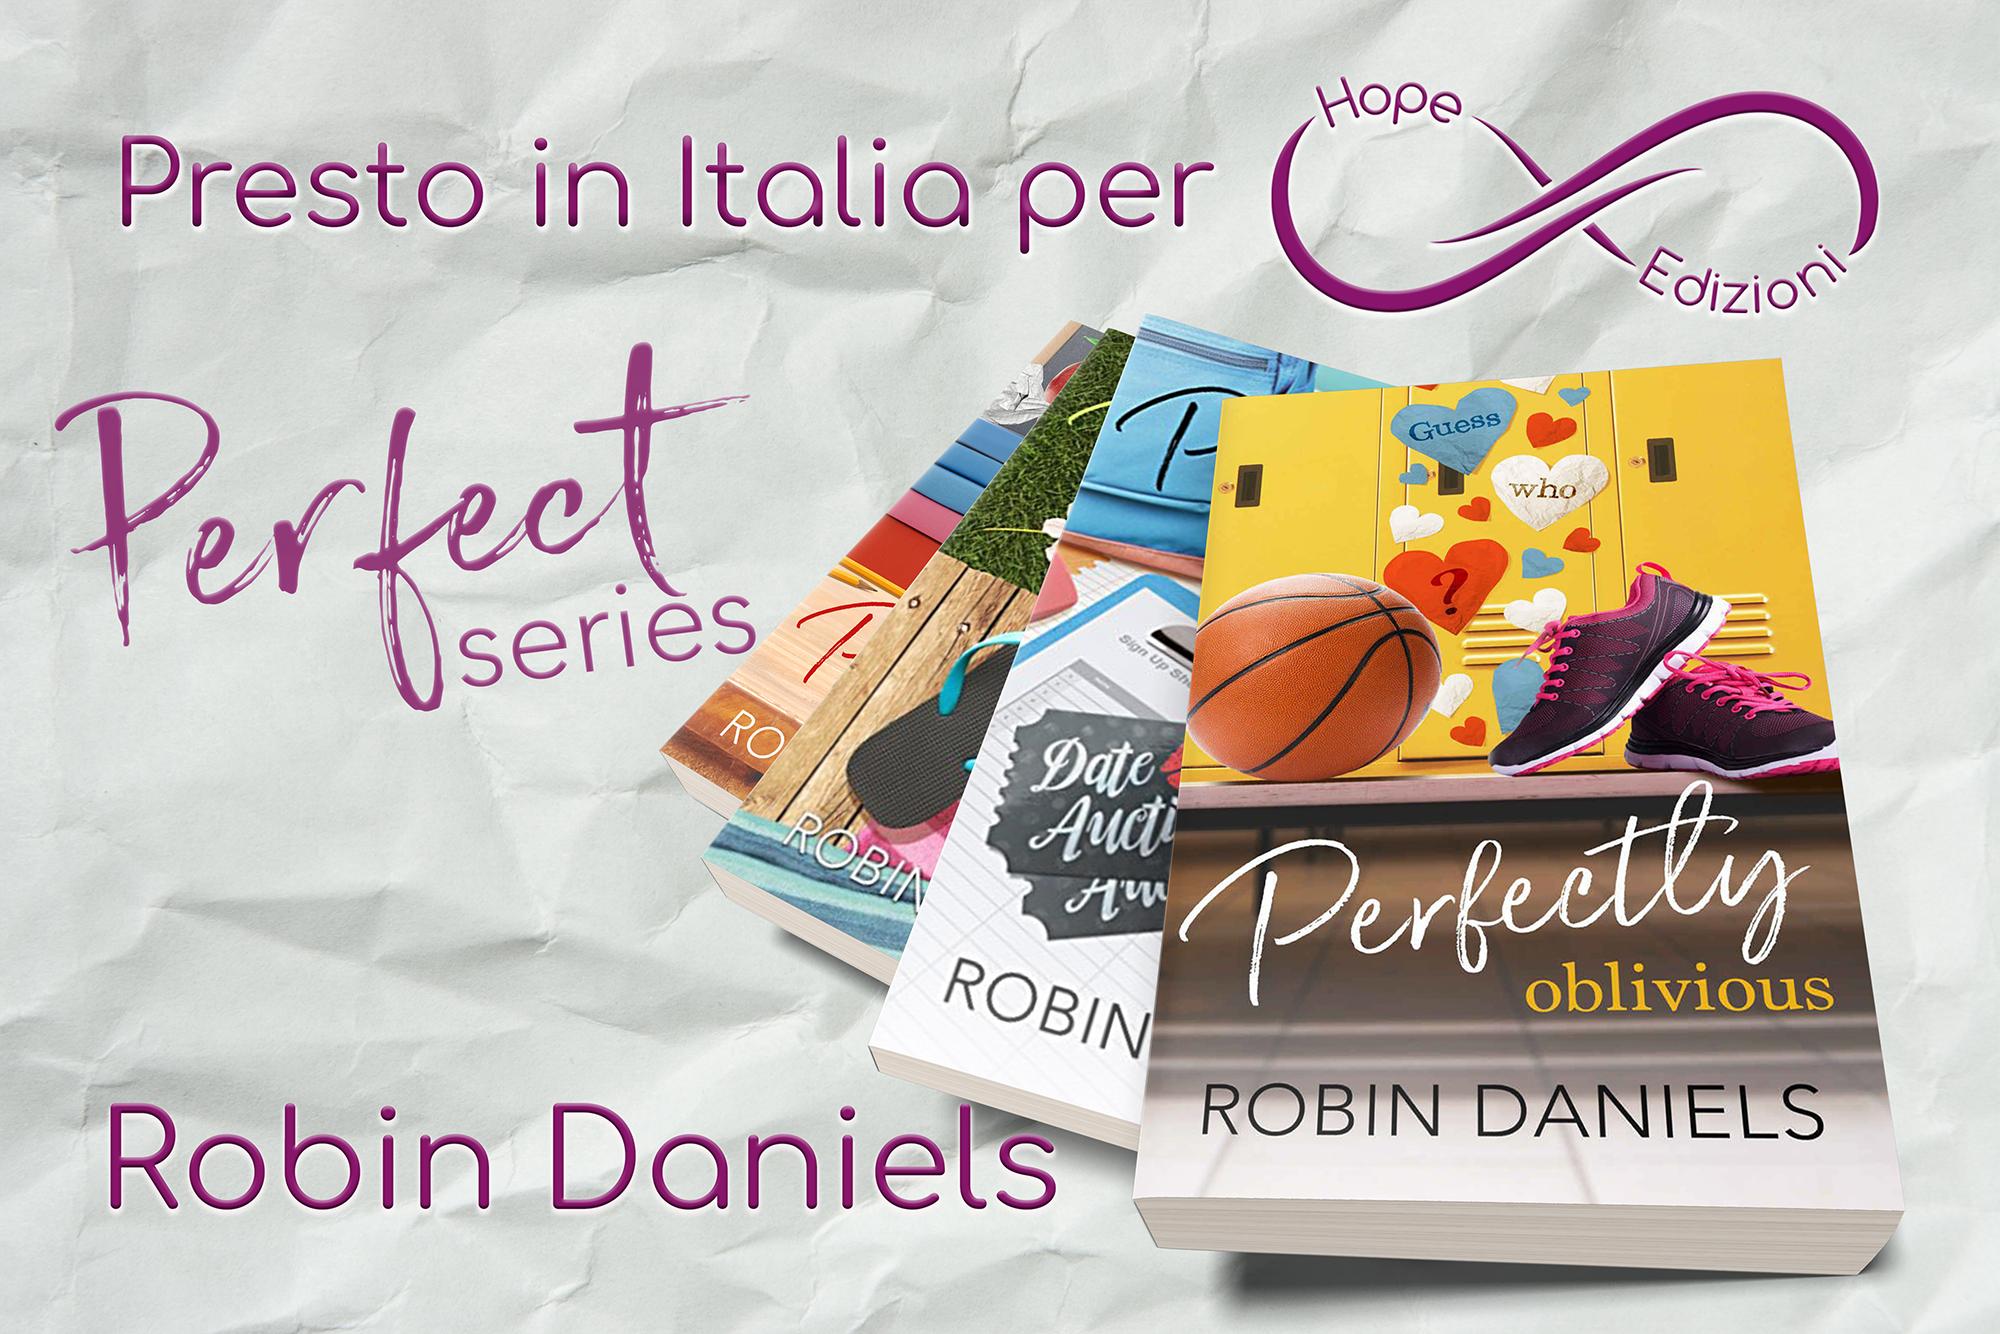 Presto in Italia… Robin Daniels!